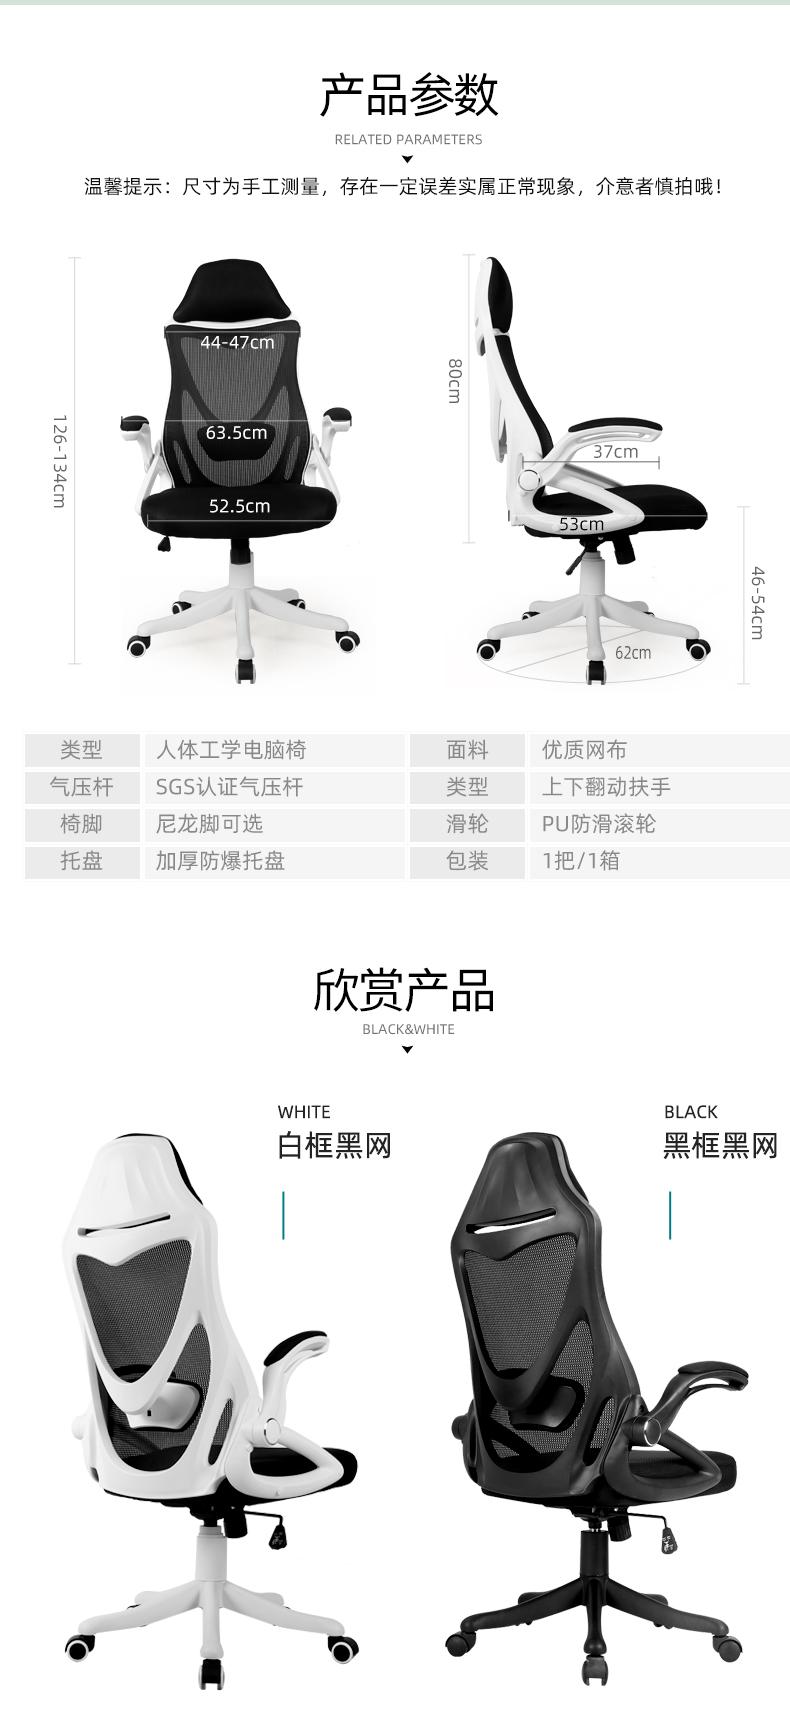 爱意森人体工学椅子电脑椅家用舒适办公靠背转椅电竞椅老闆升降椅详细照片